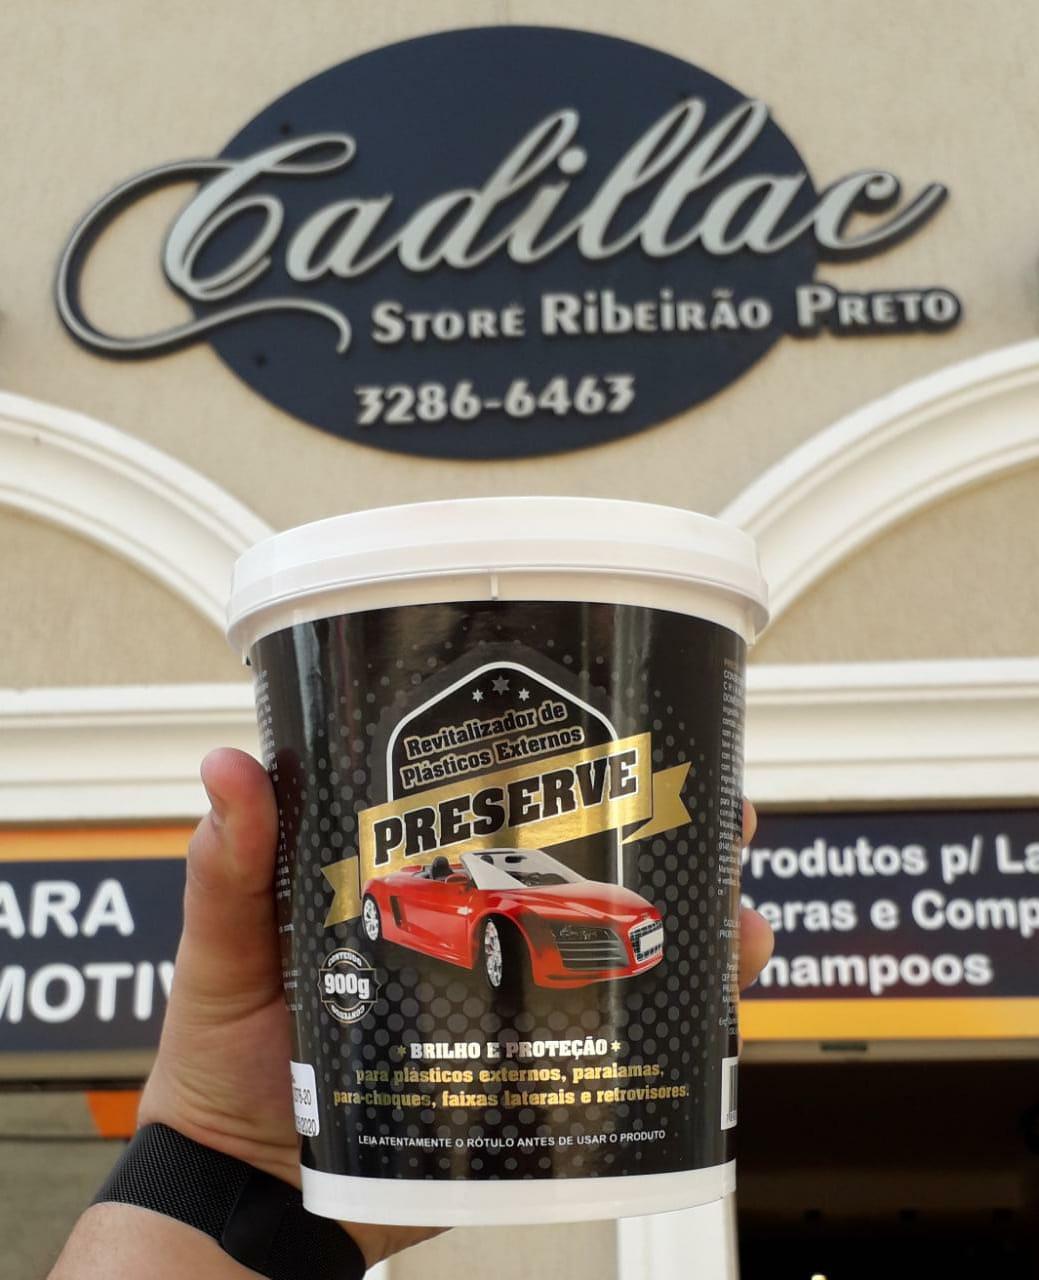 PRESERVE REVITALIZADOR DE PLASTICOS EXTERNO-CADILLAC - 900g